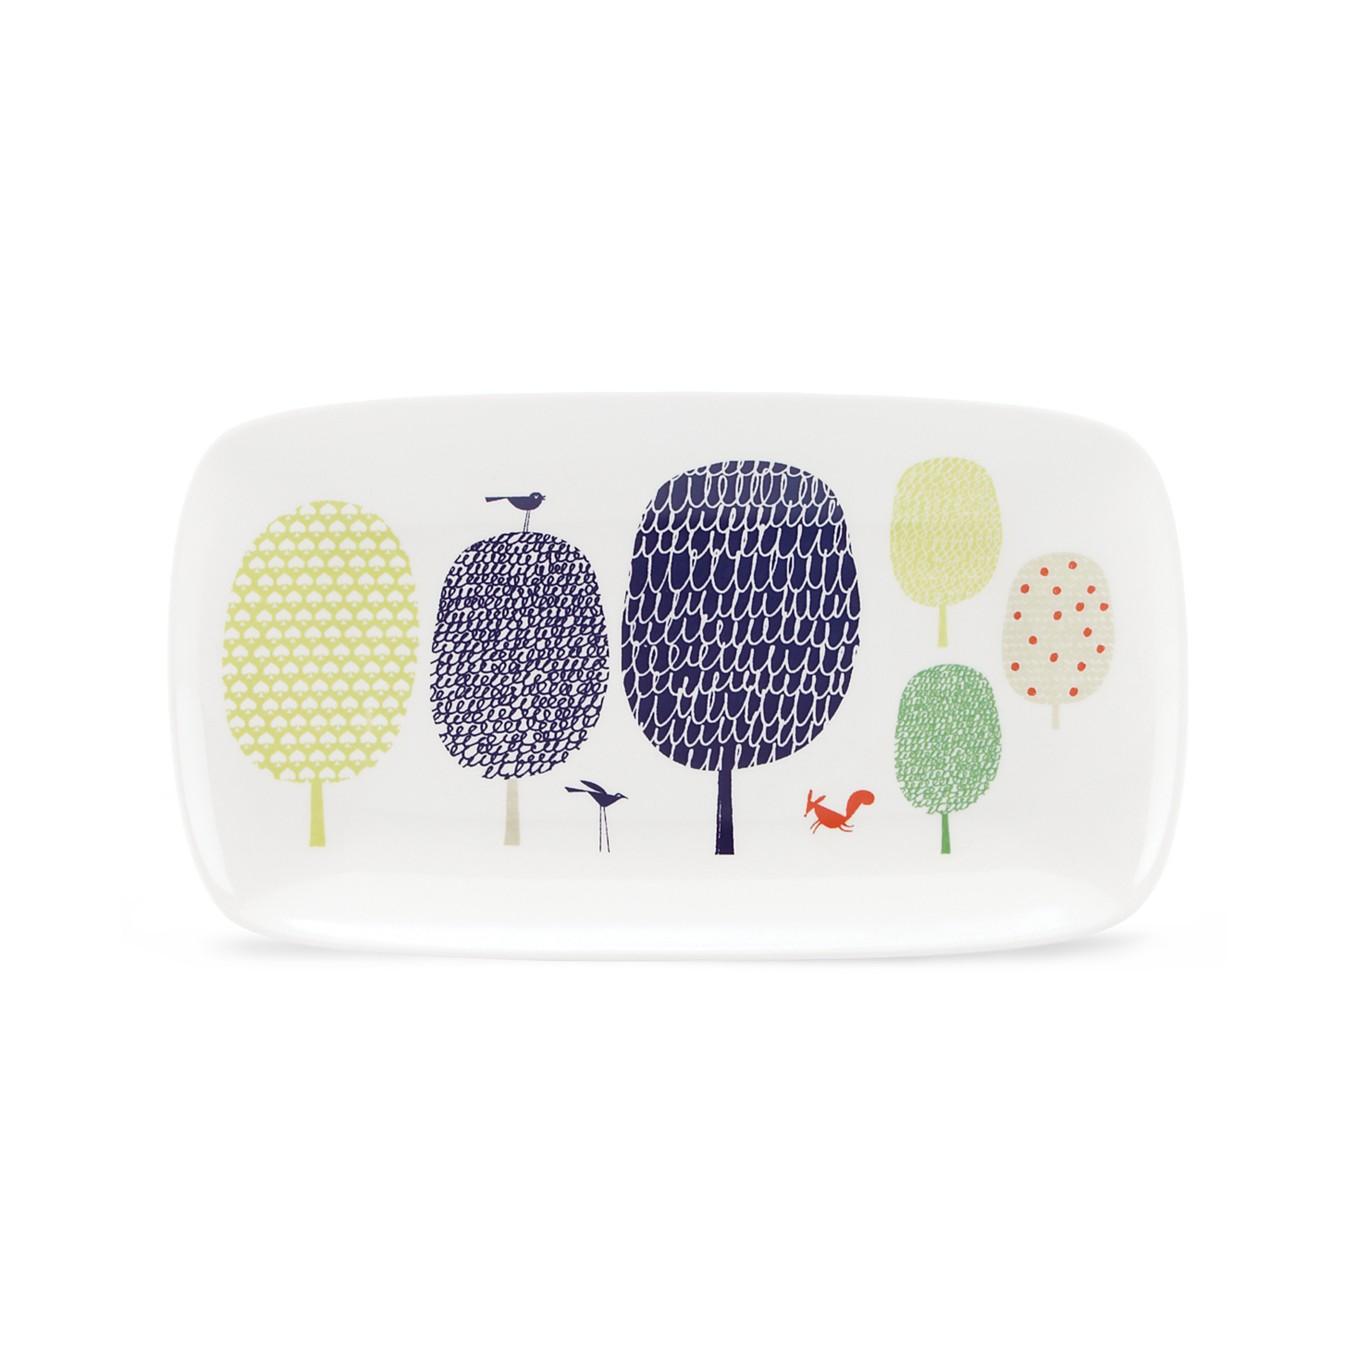 Klas Fahlén illustrations for Kate Spade porcelain serveware 6